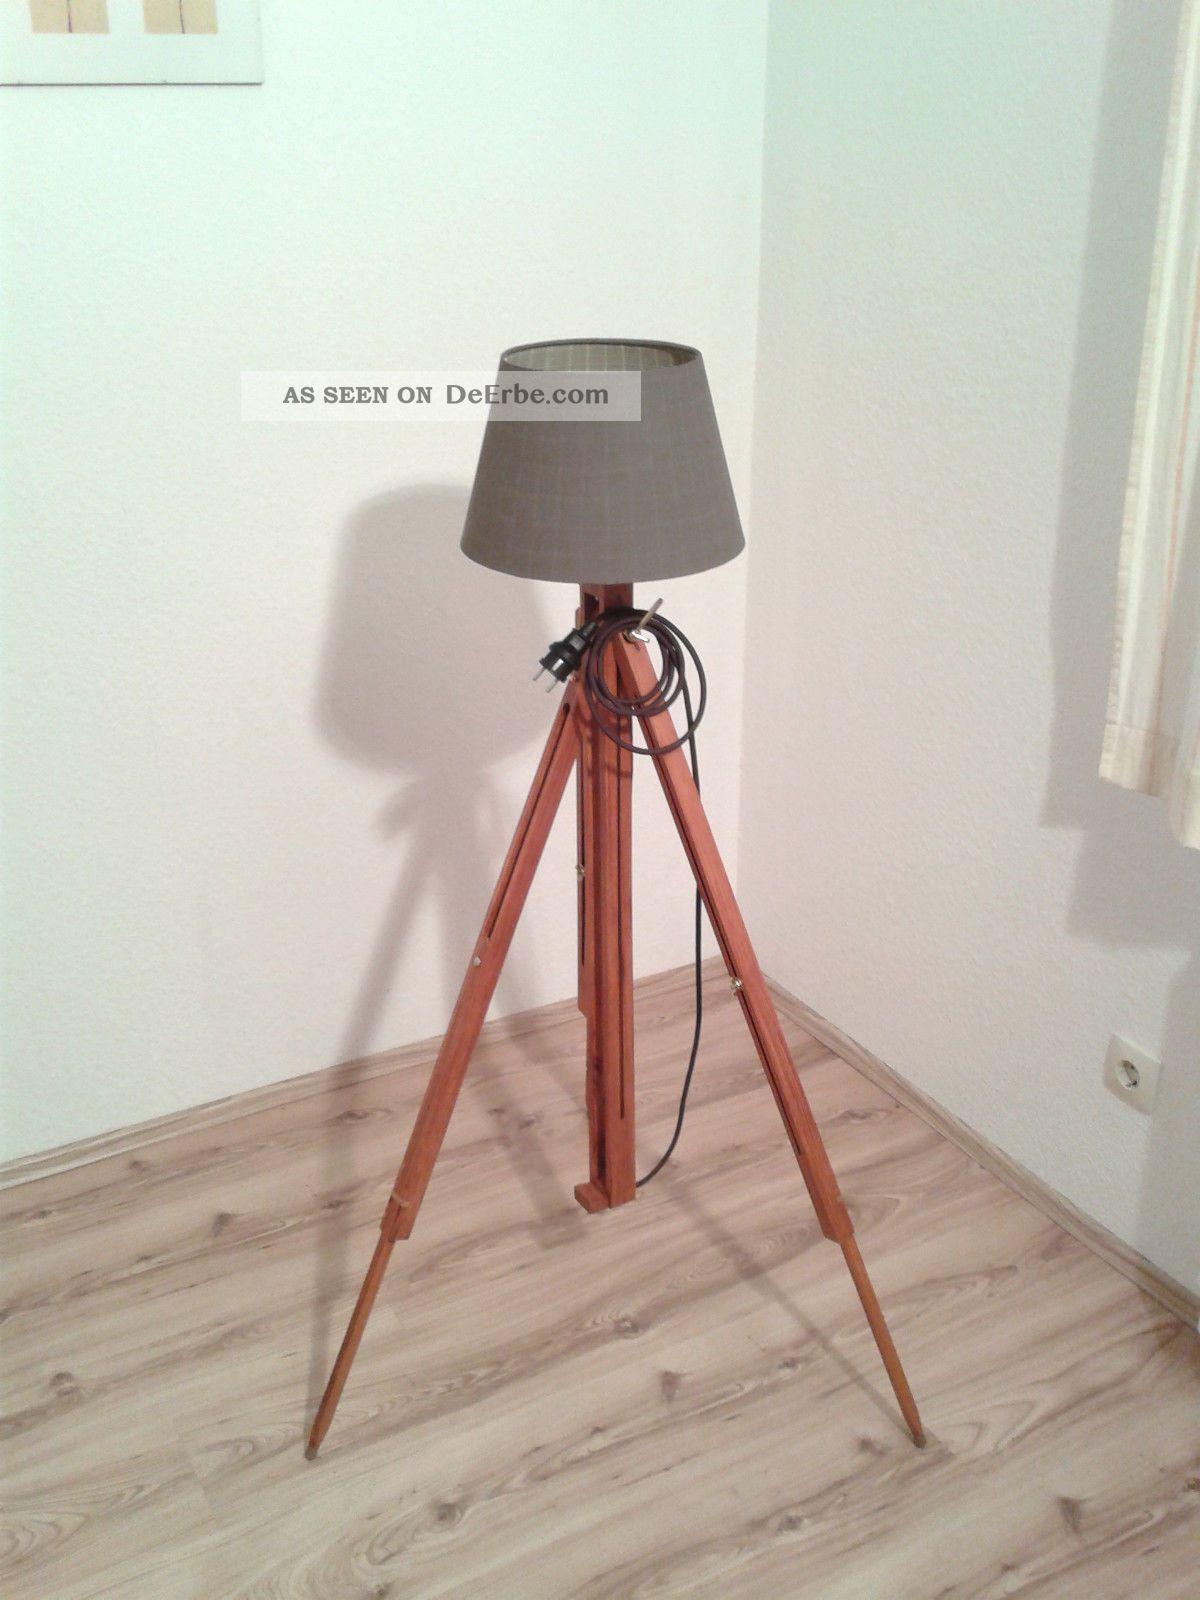 design lampe stehlampe bauhaus tripod lamp kugel architekt. Black Bedroom Furniture Sets. Home Design Ideas